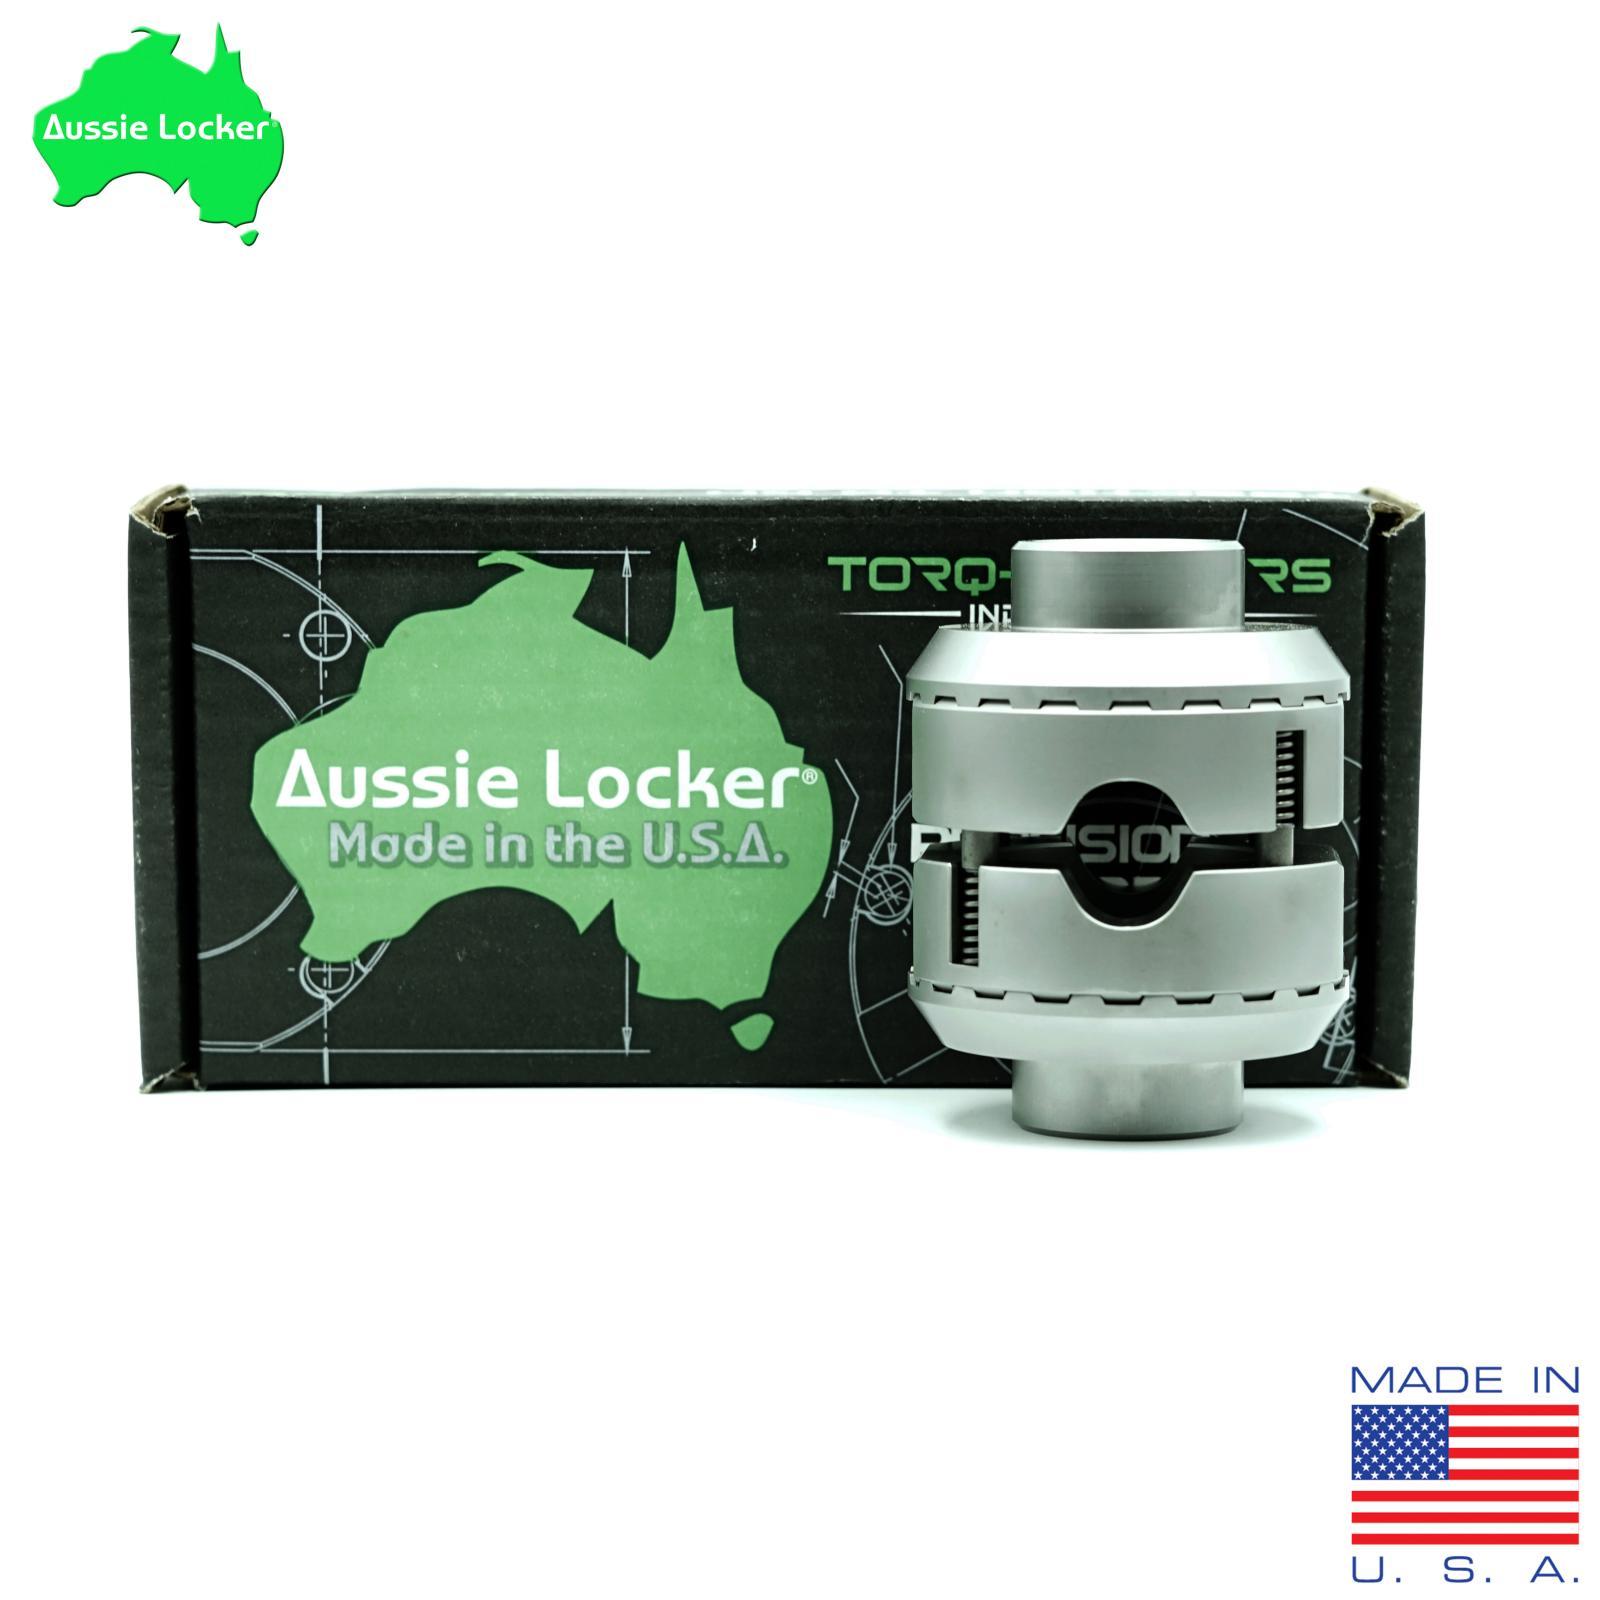 Aussie Locker Dana 30 For JK Next Generation Differentials